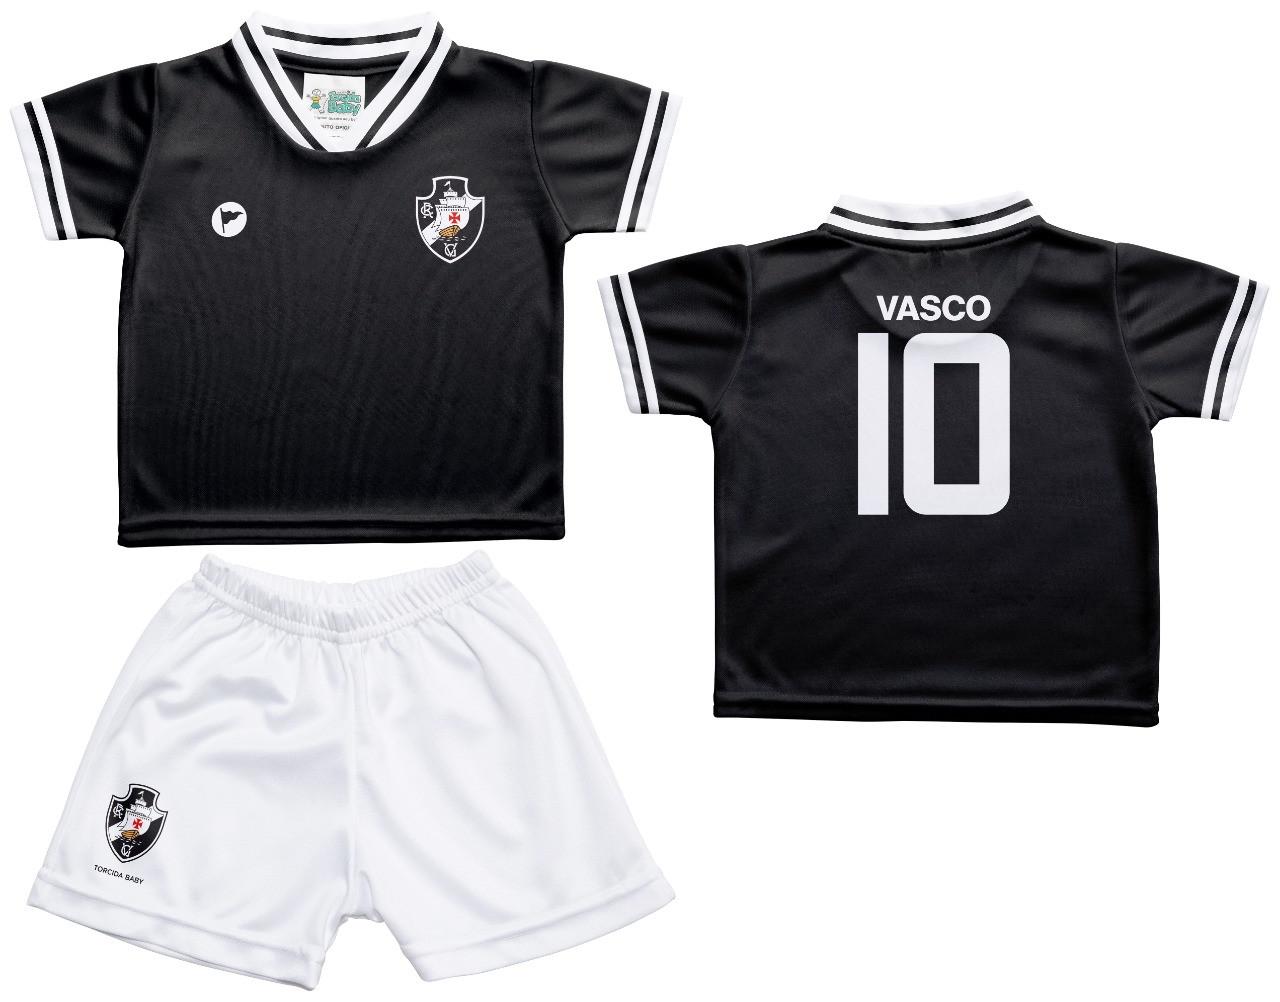 Conjunto Vasco Baby Estilo II